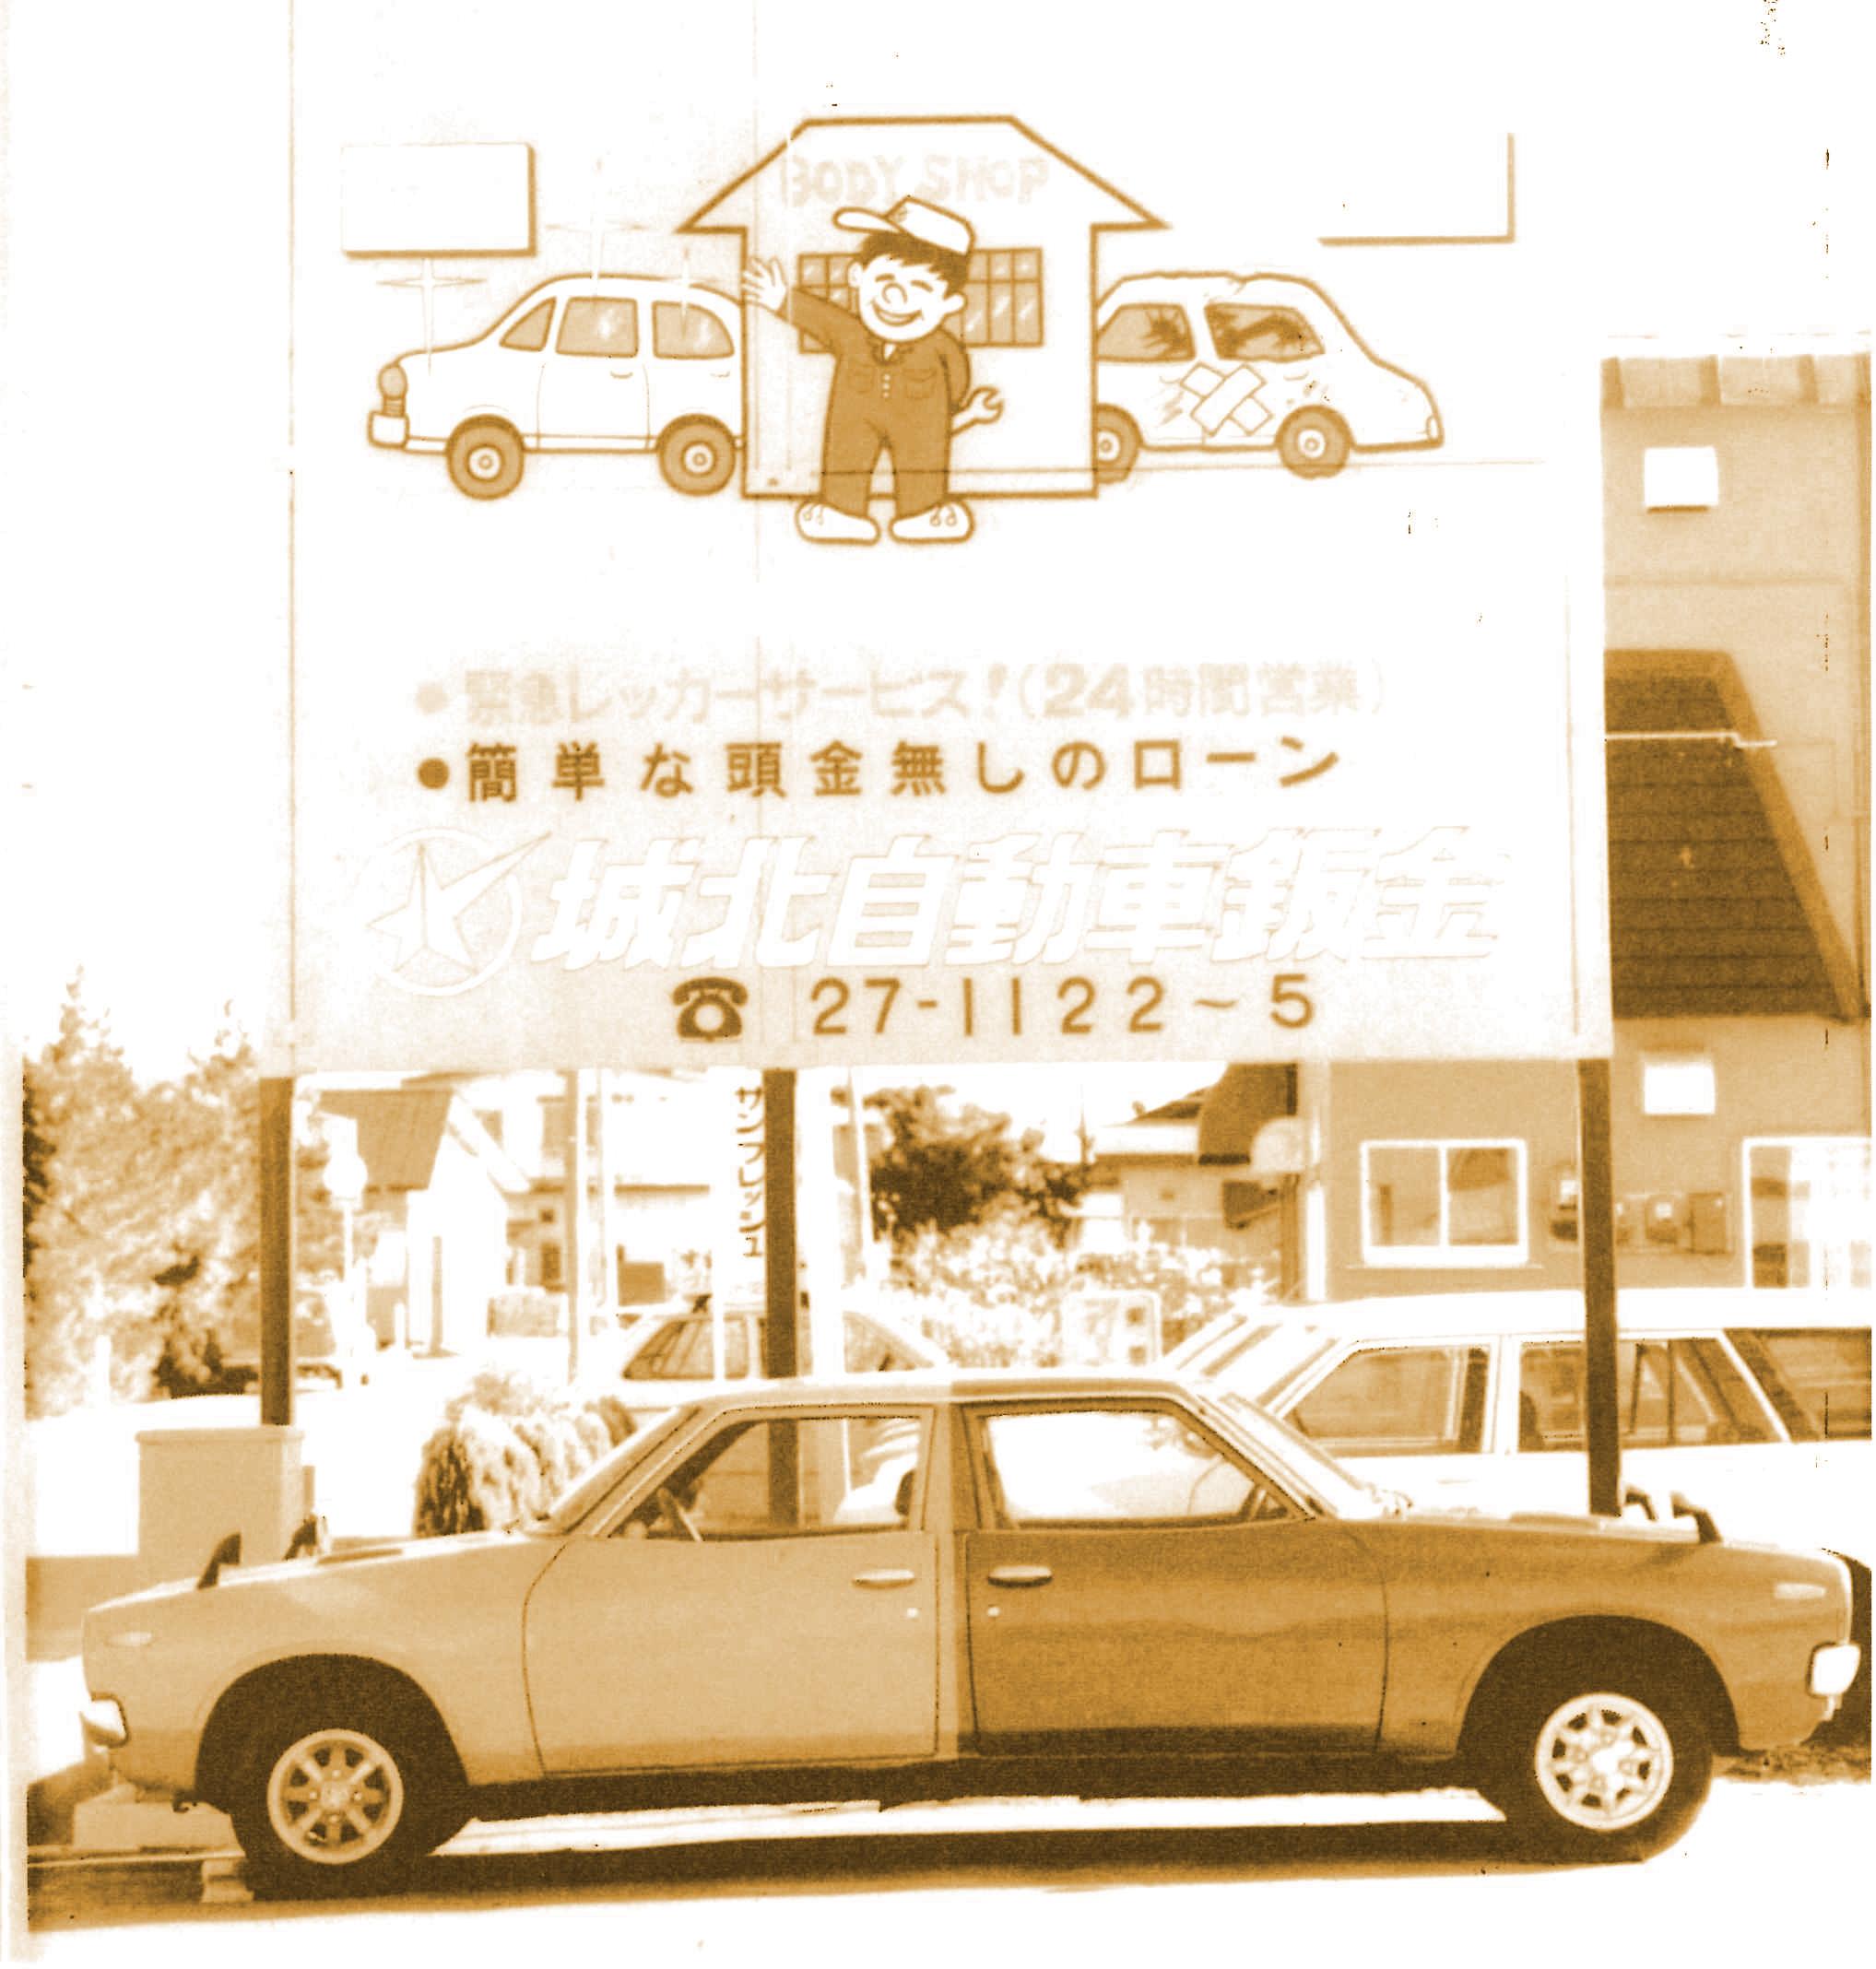 今年で創業45年・起業40年になる我社は創業当初、写真でも分かる通り、このようなデモカーを作成いたしました。日産チェリーの運転席側から後席側を切り離し、車両の前側と前側を接合した、ユニークな車両です。制作当初は全国版のニュースに放映されるなど話題を呼んだ車両でした。